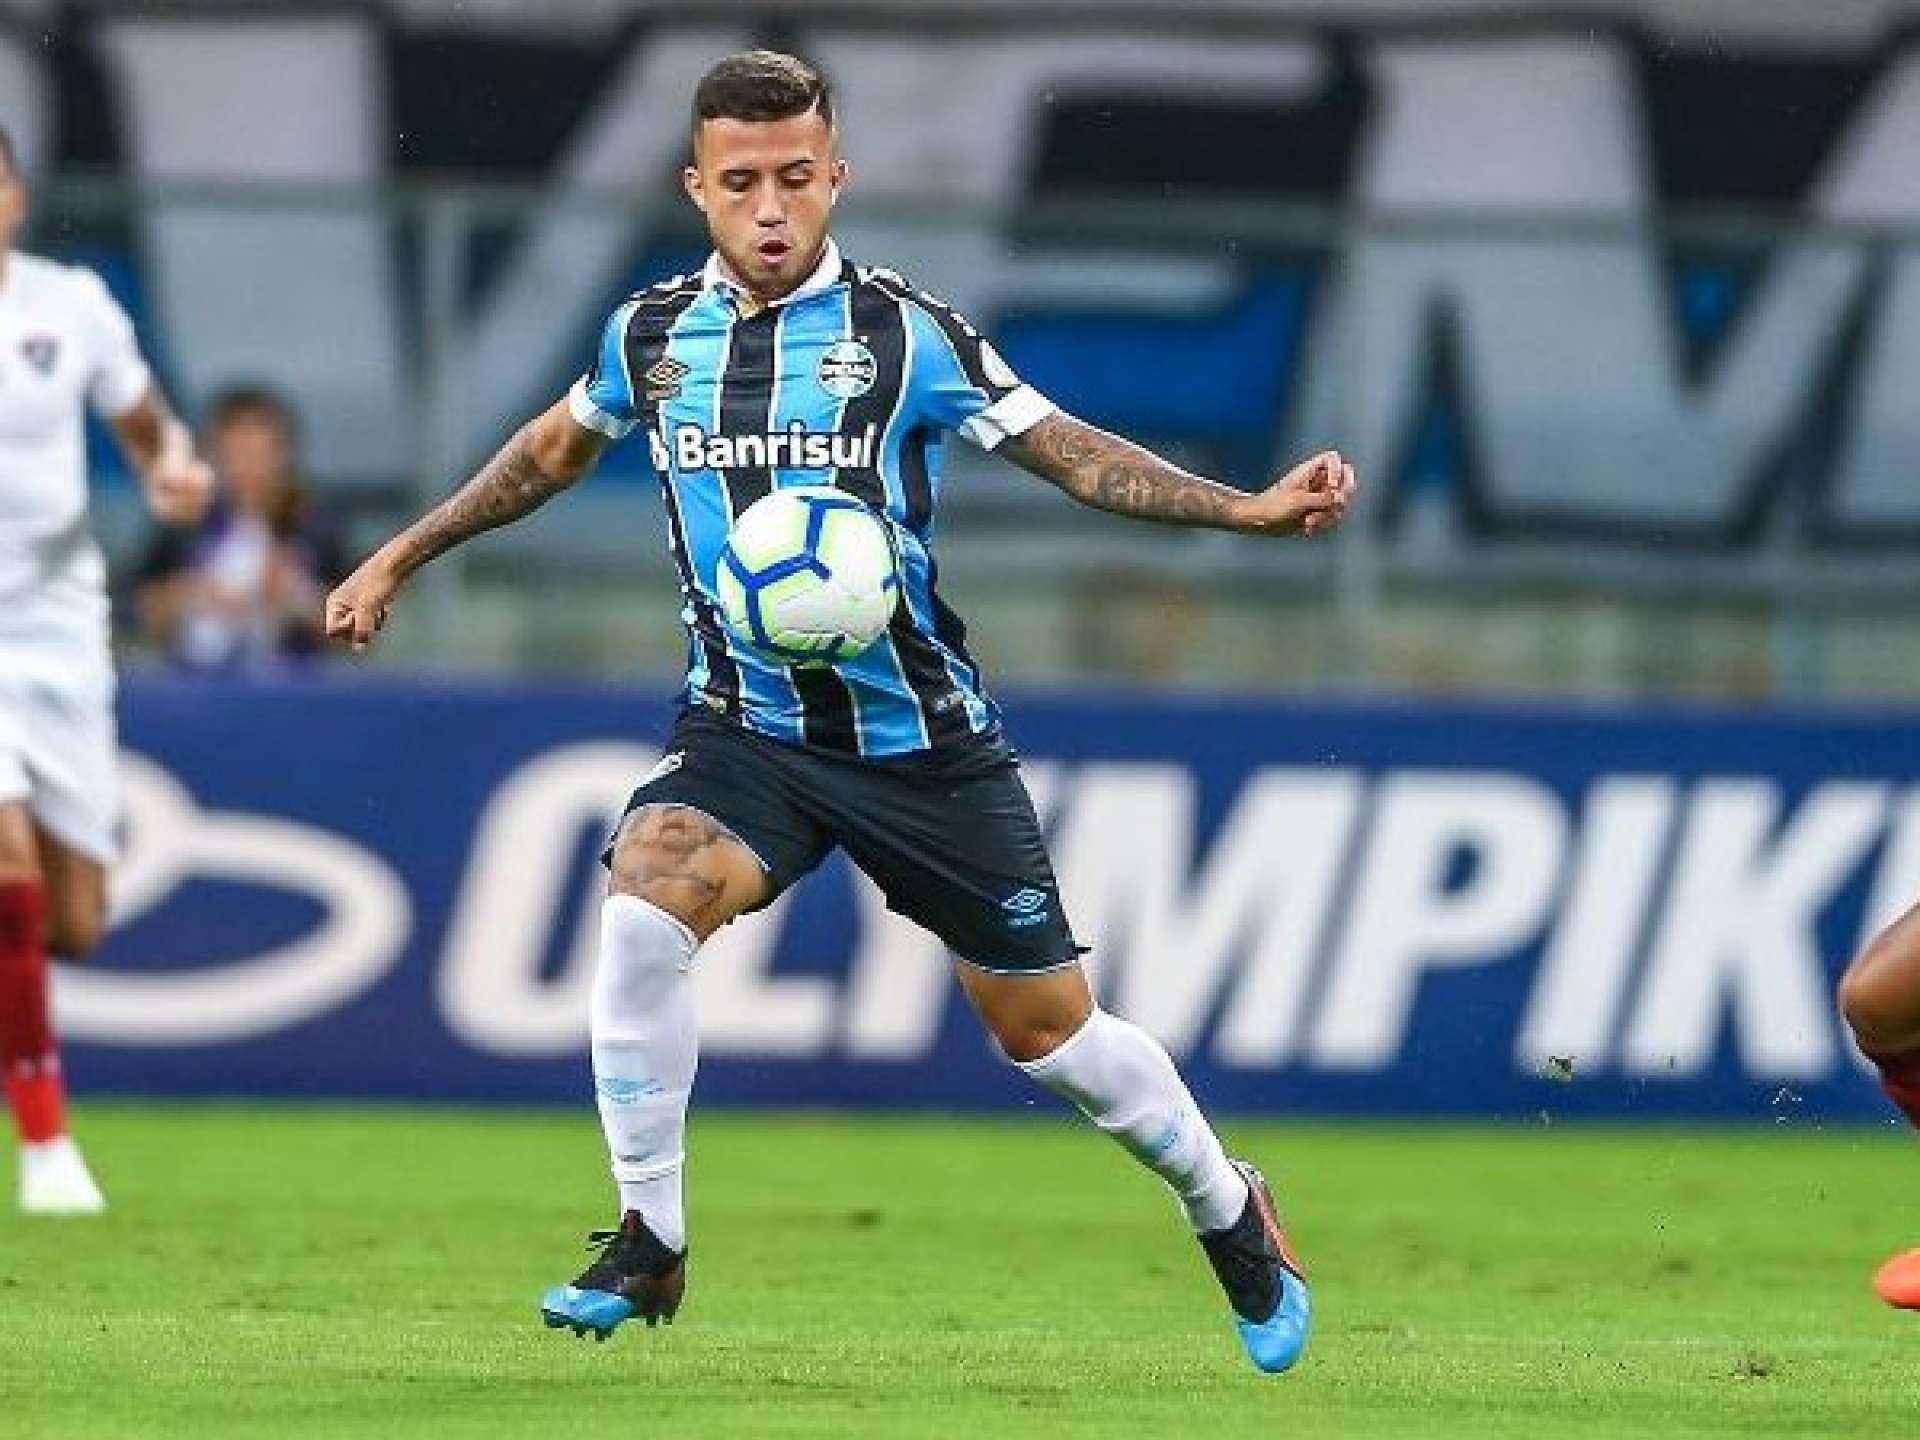 Matheus Henrique está na mira de clubes europeus e tem convocações frequentes para a Seleção Brasileira